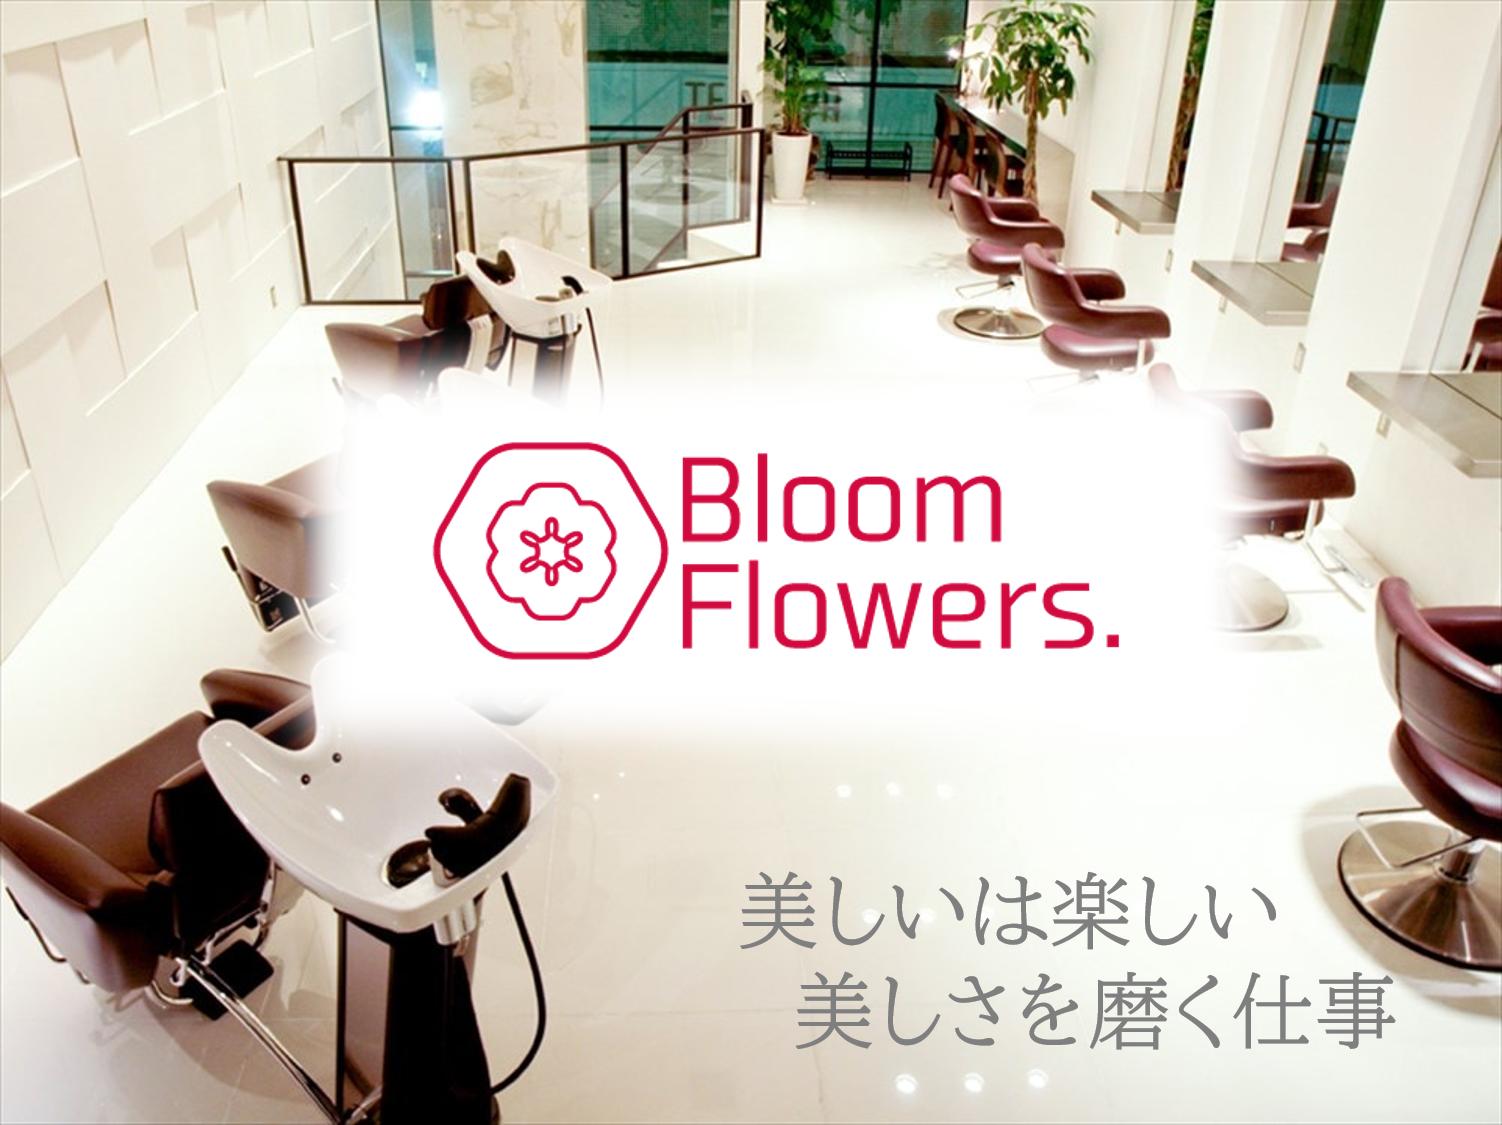 ブルームフラワーズ BloomFlowers. 求人情報